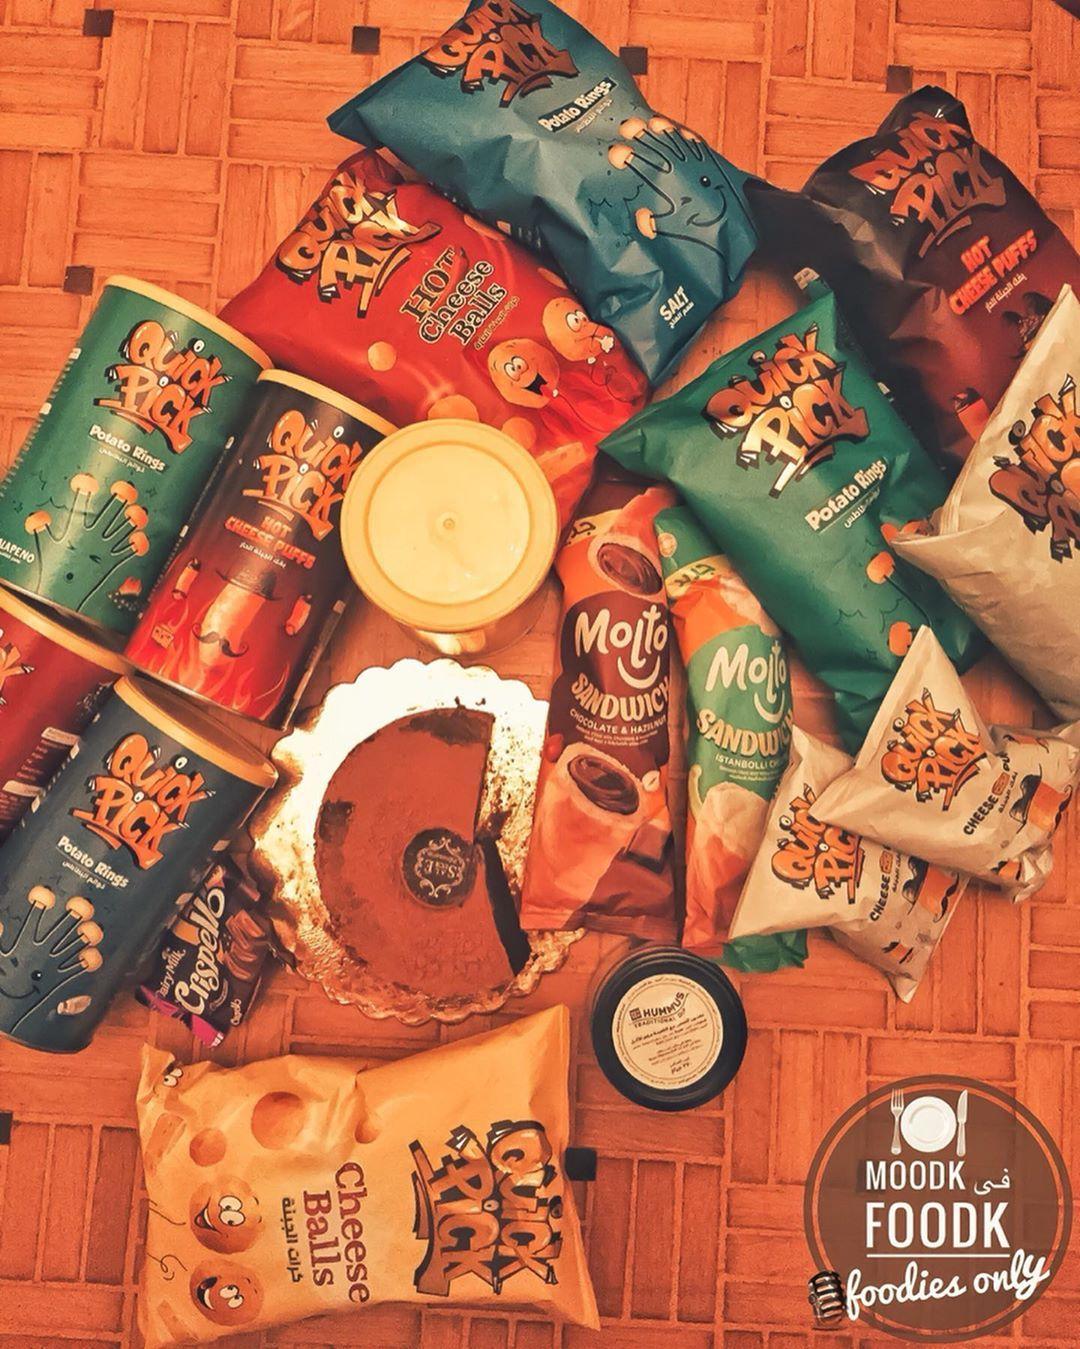 لمة الصحاب يا جماعة اللى مشتركين فى حب الأكل بتكون حلوة أوى Cheese Potatoes Gift Wrapping Foodie